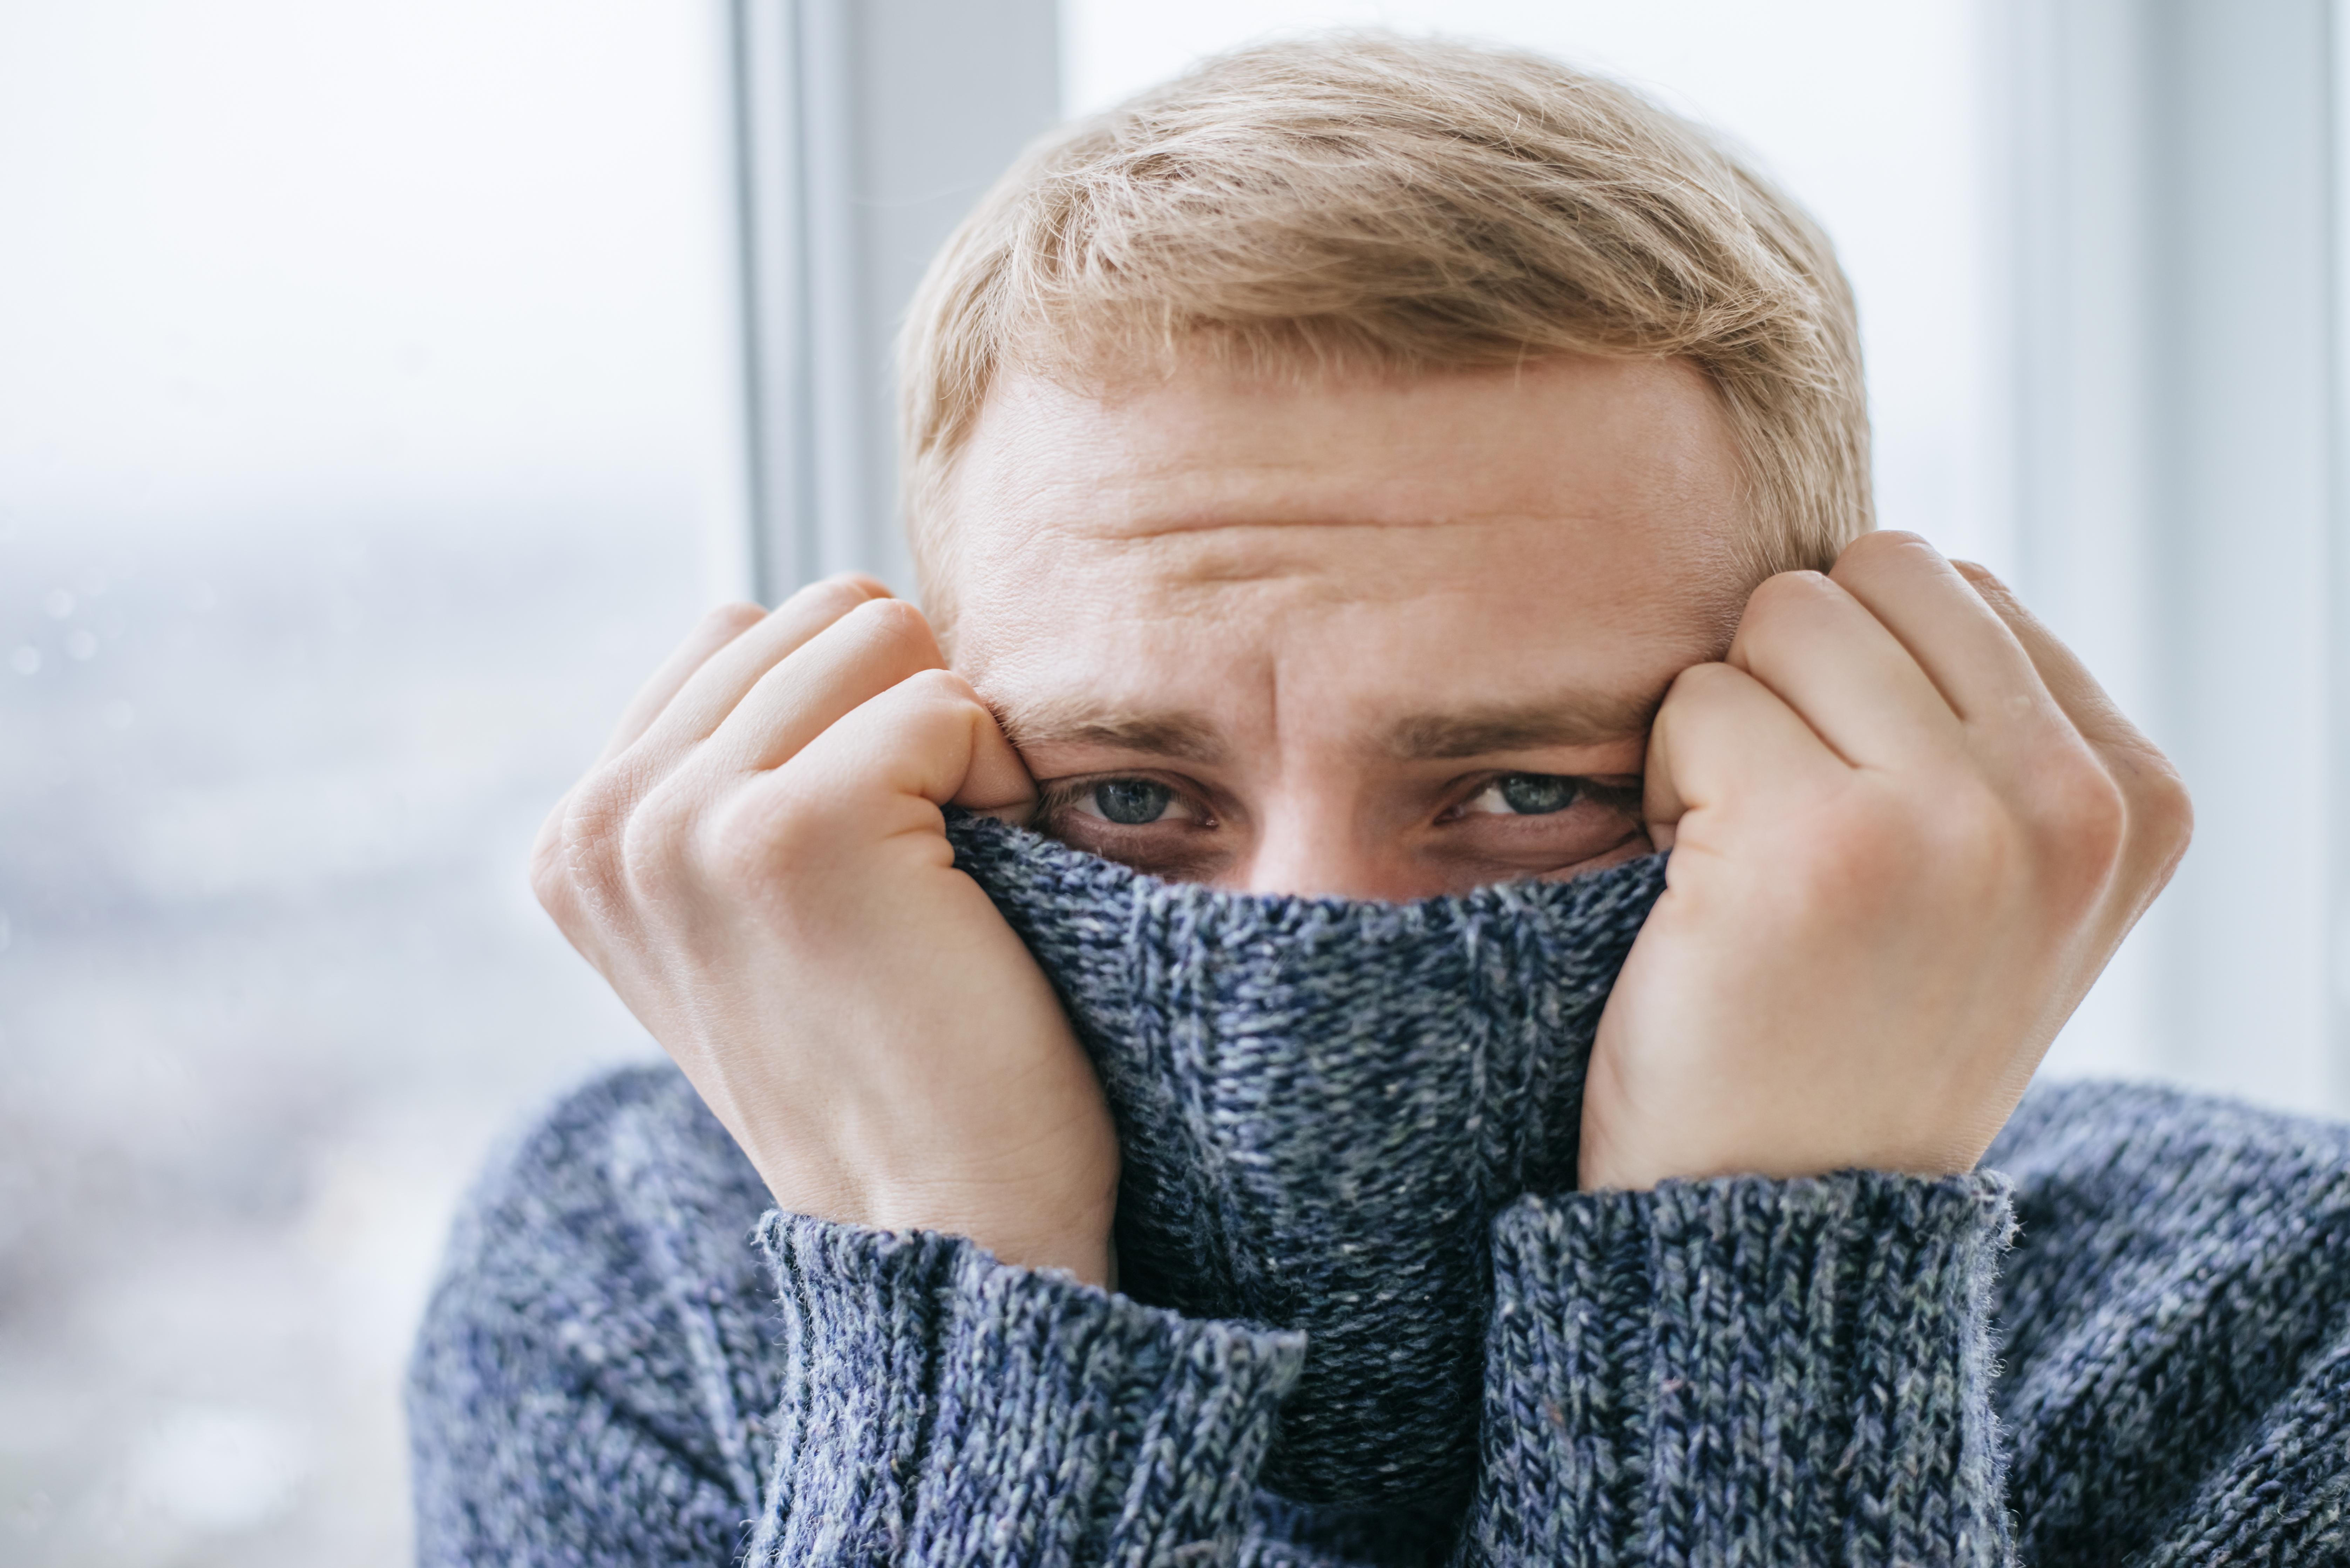 Gömma sig undan en förkylning är lättare sagt än gjort, alla drabbas av förkylning någon gång men det finns förebyggande åtgärder som minskar risken!